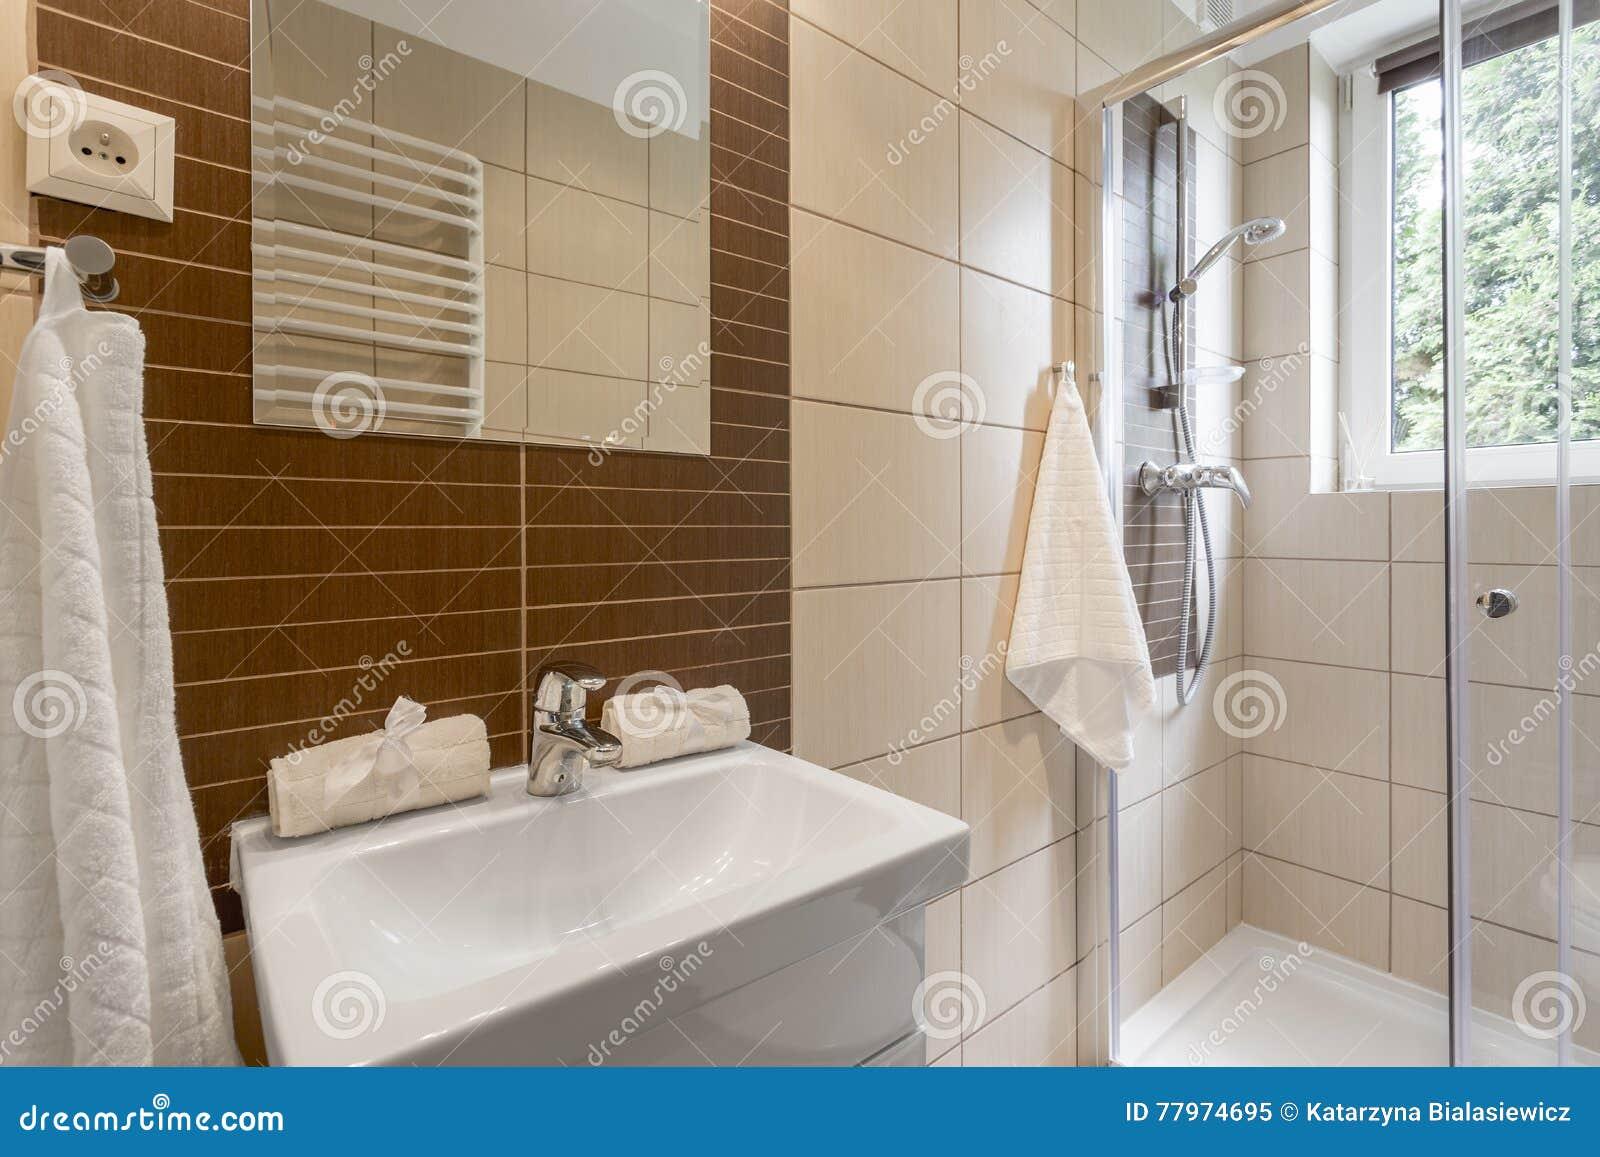 Kleines Badezimmer In Der Braunen Idee Stockbild - Bild von ...